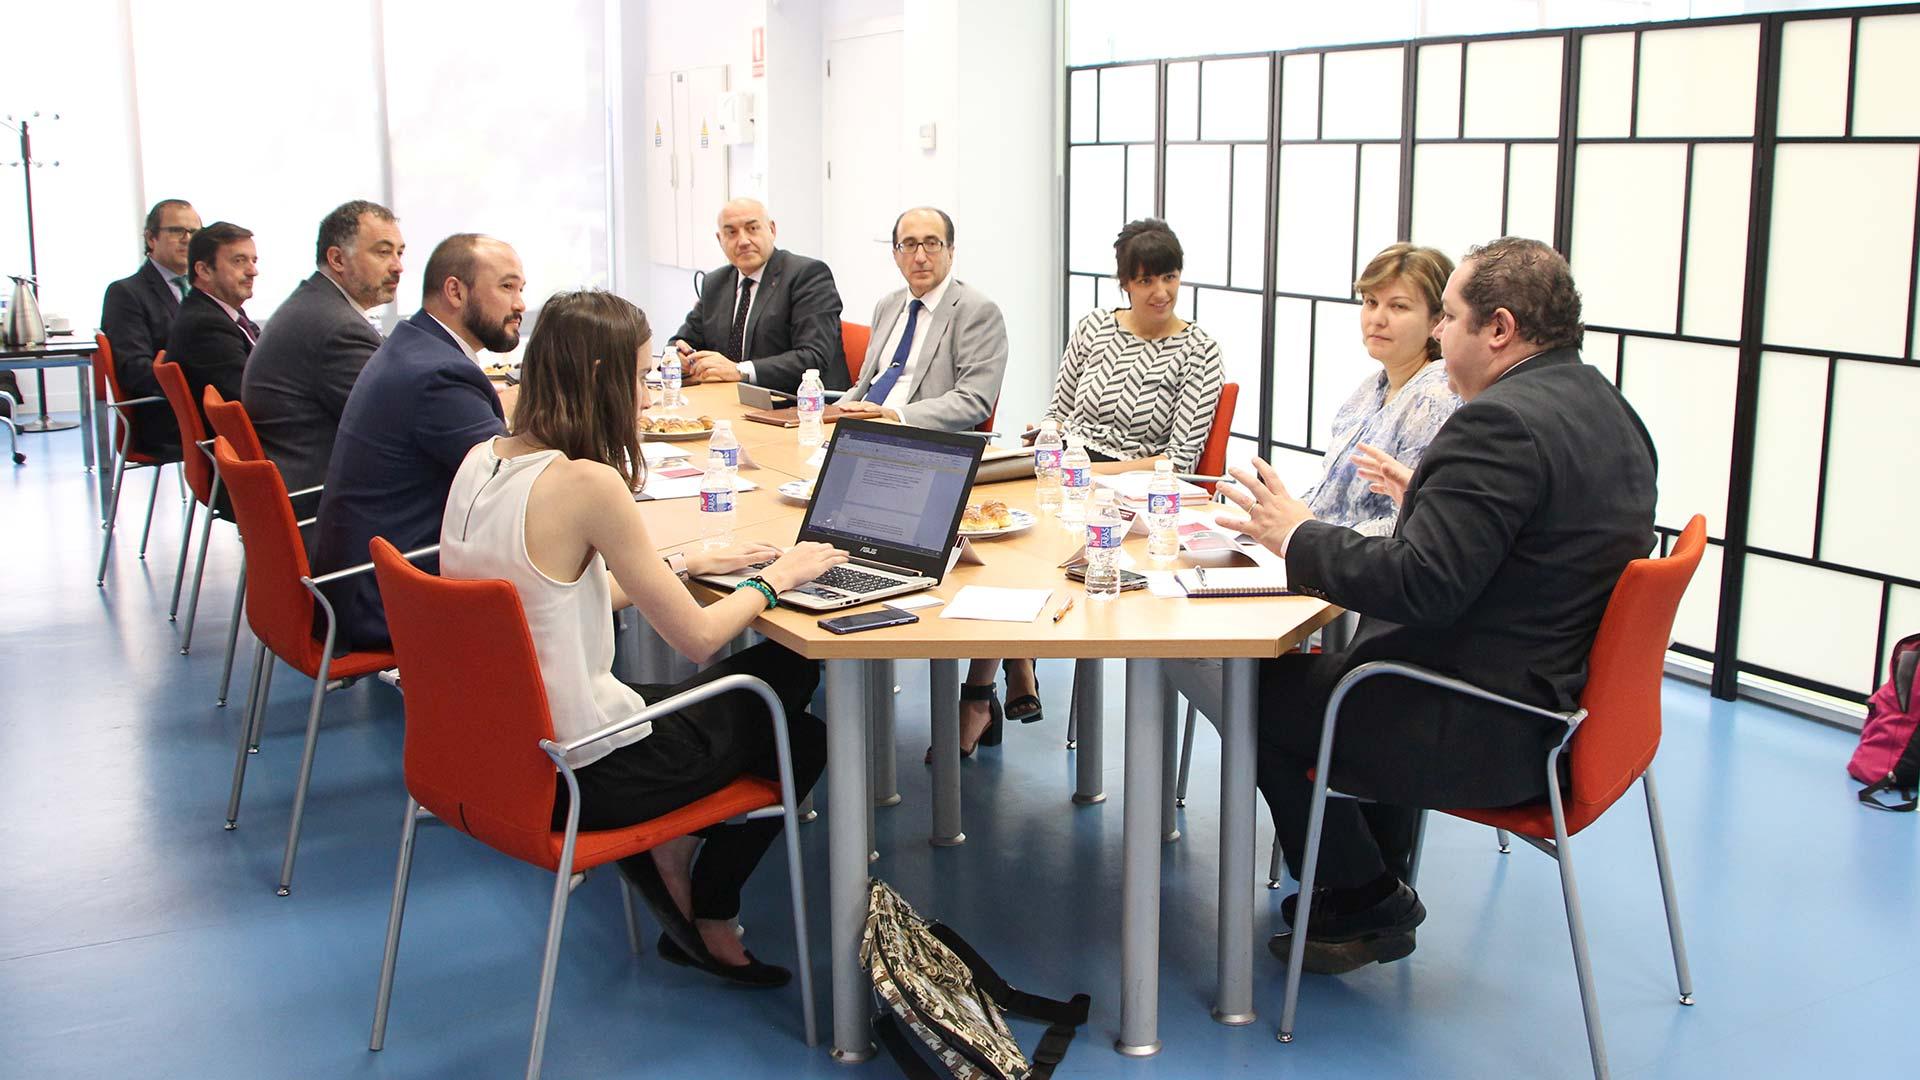 evento-content-marketing-informe-ergonomia-resumen-ejecutivo-11